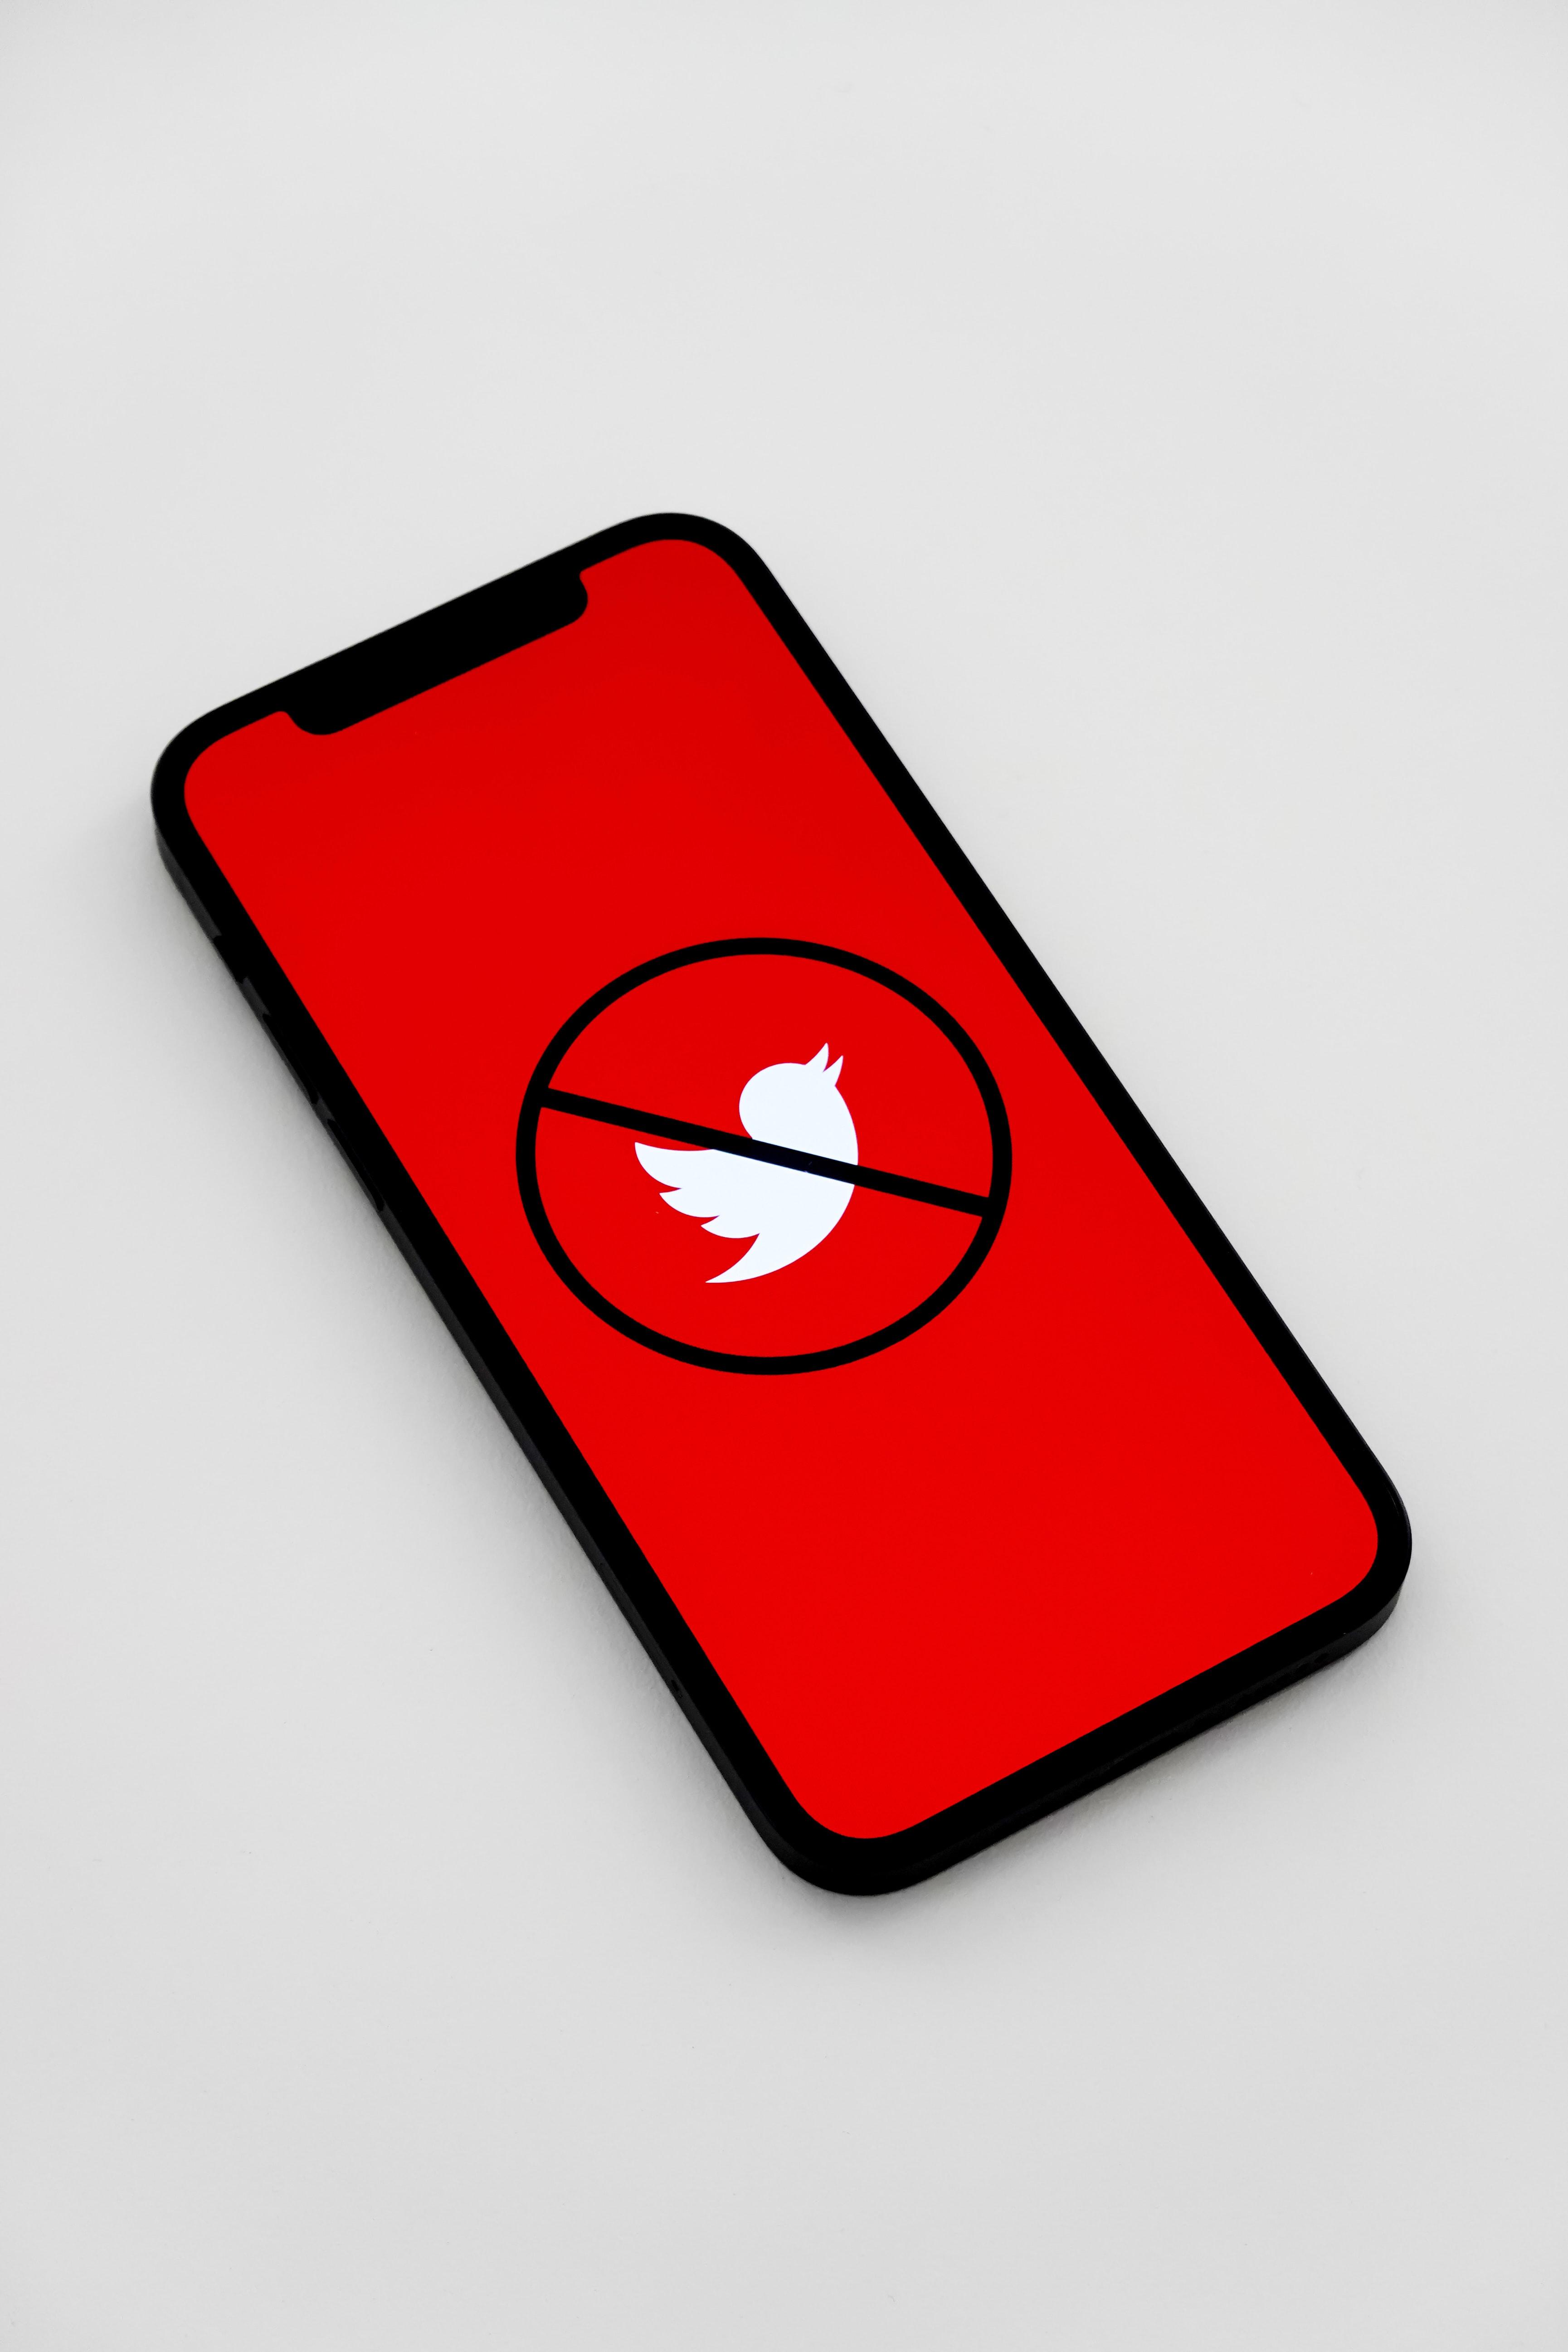 delete-phone-app